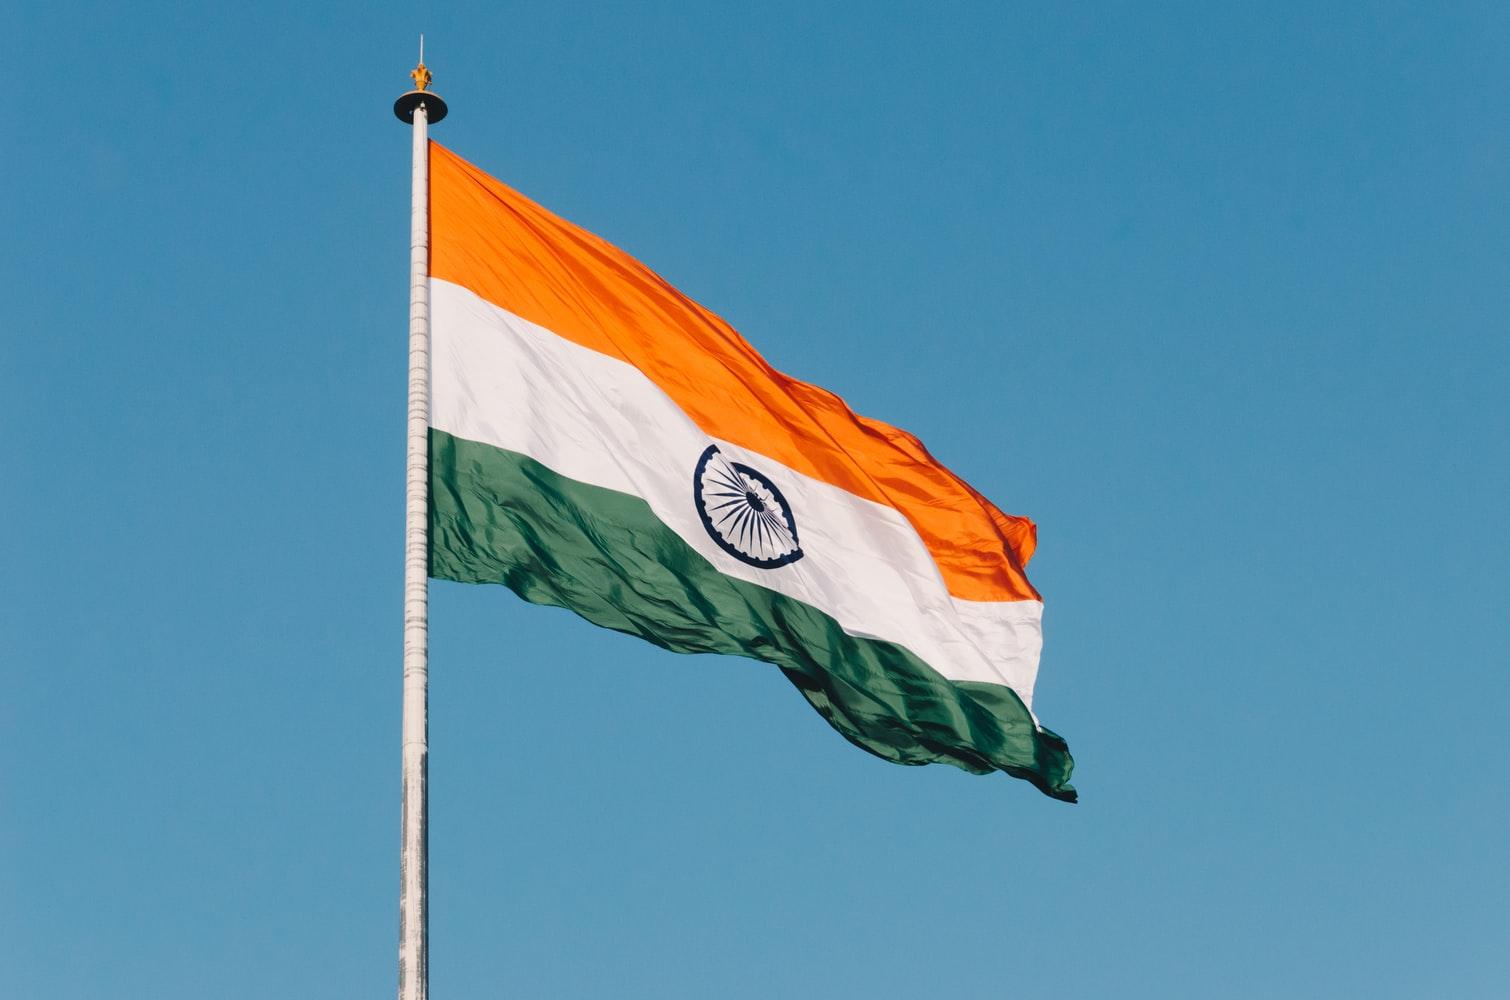 Les investissements en crypto-monnaies en Inde ont augmenté de 19 900% en seulement 1 an